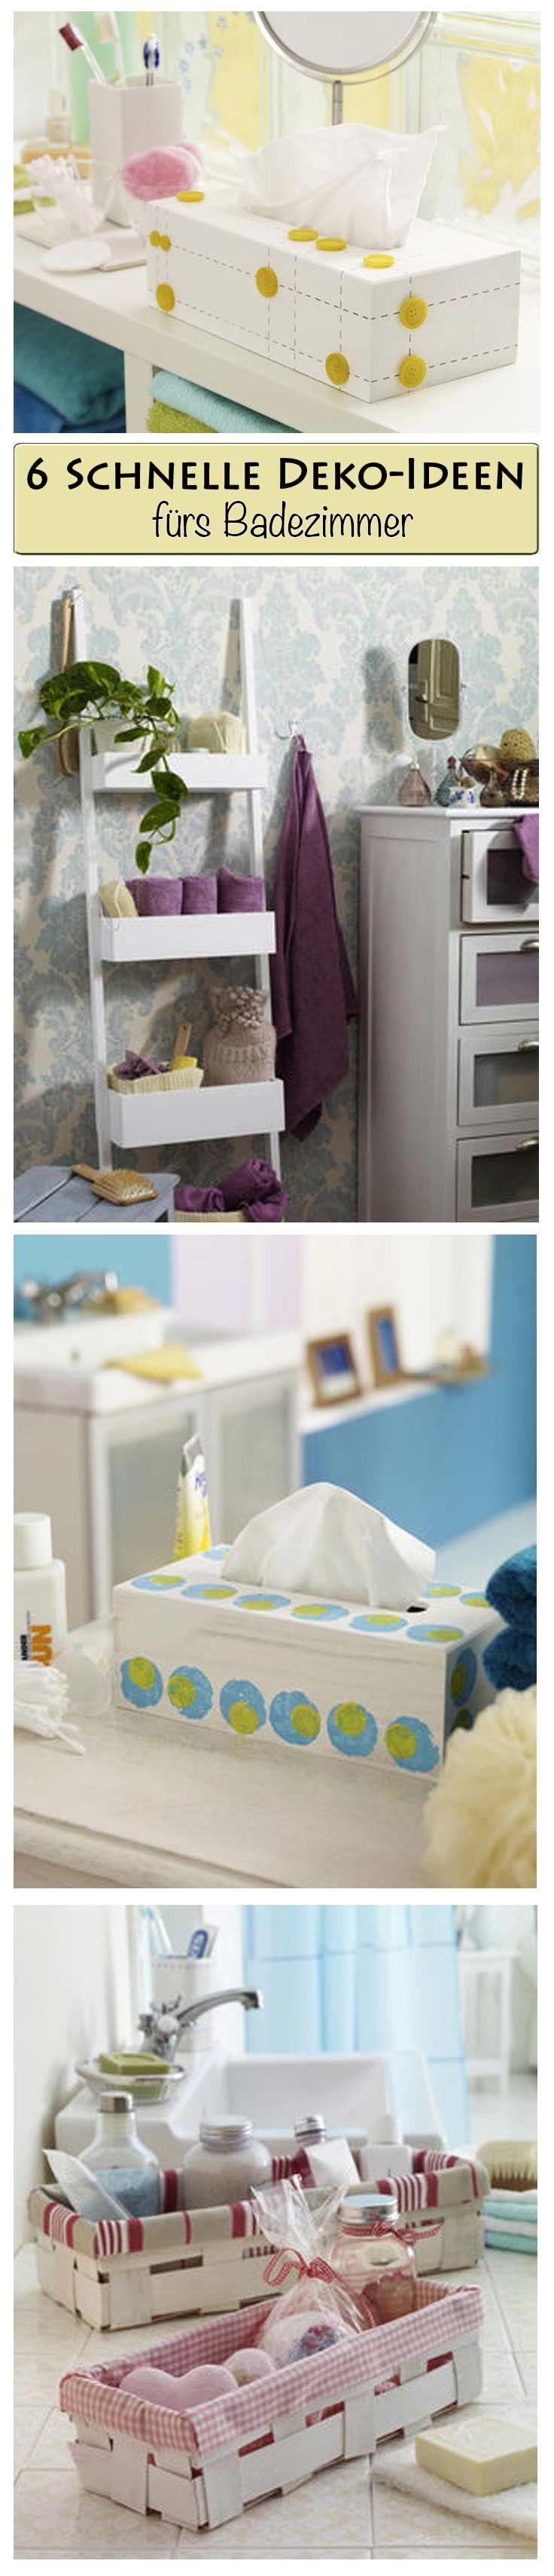 bad deko selber machen bastelideen diy pinterest bad deko und badezimmer. Black Bedroom Furniture Sets. Home Design Ideas